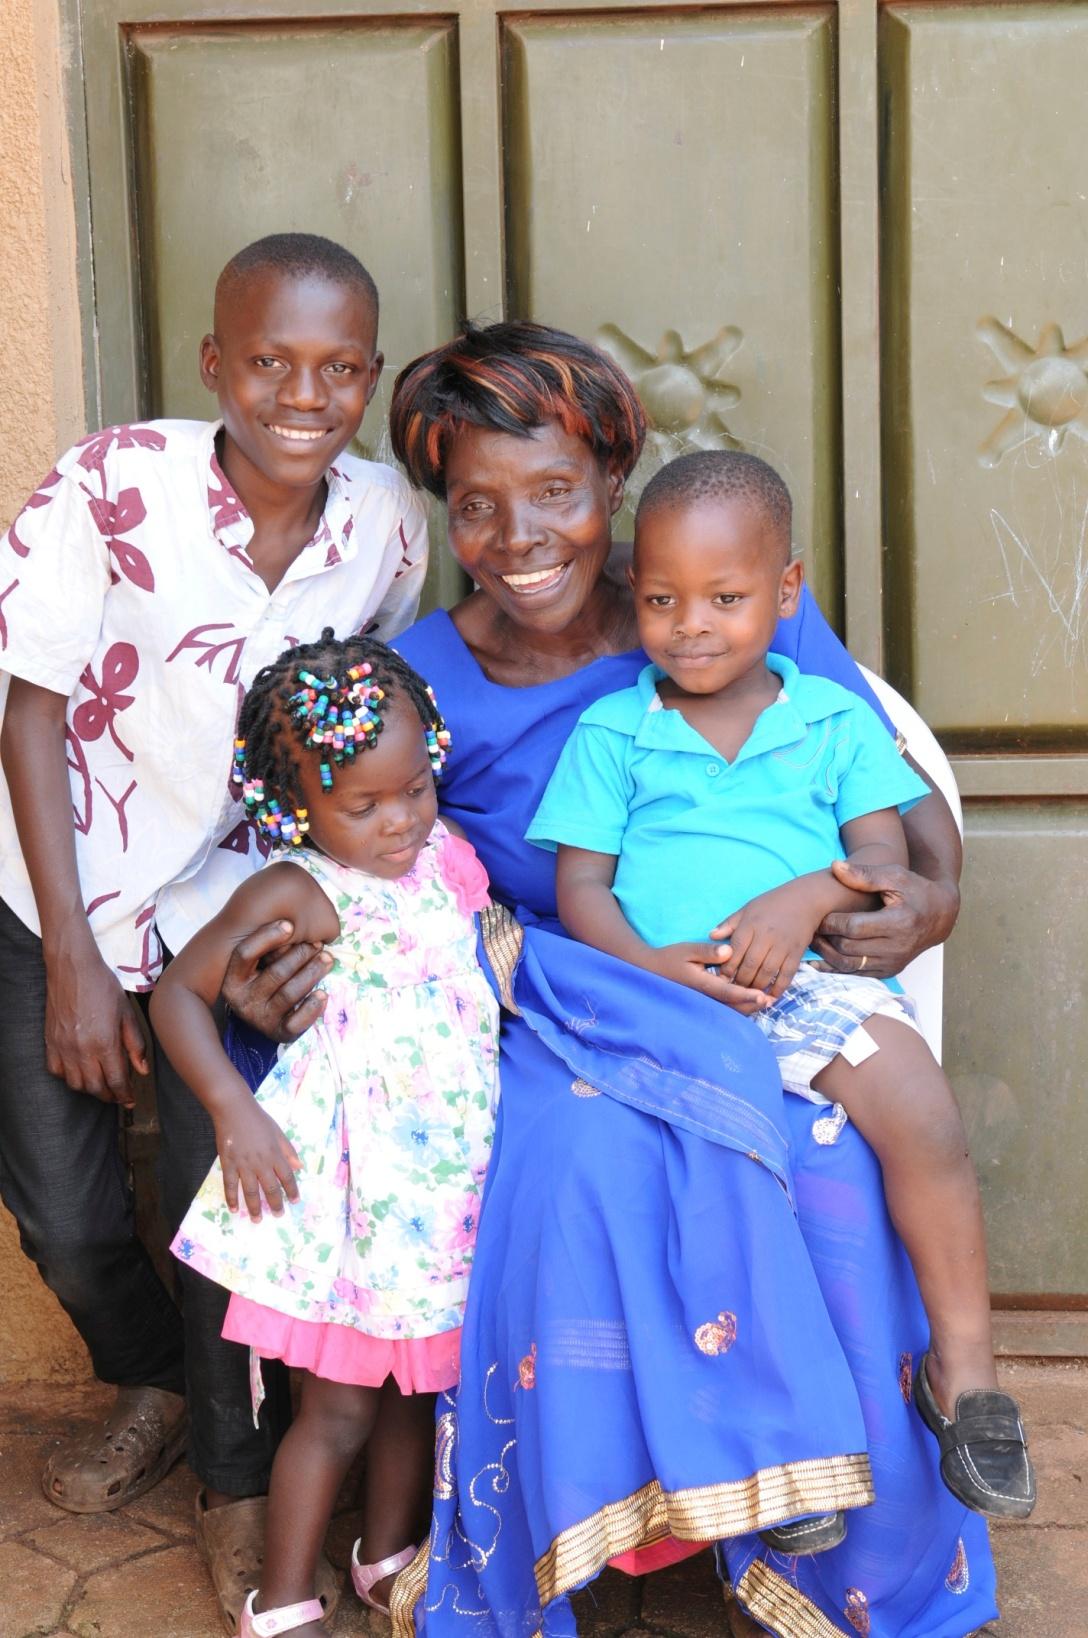 Jjajja with Denis, Marvin and Rhonah.